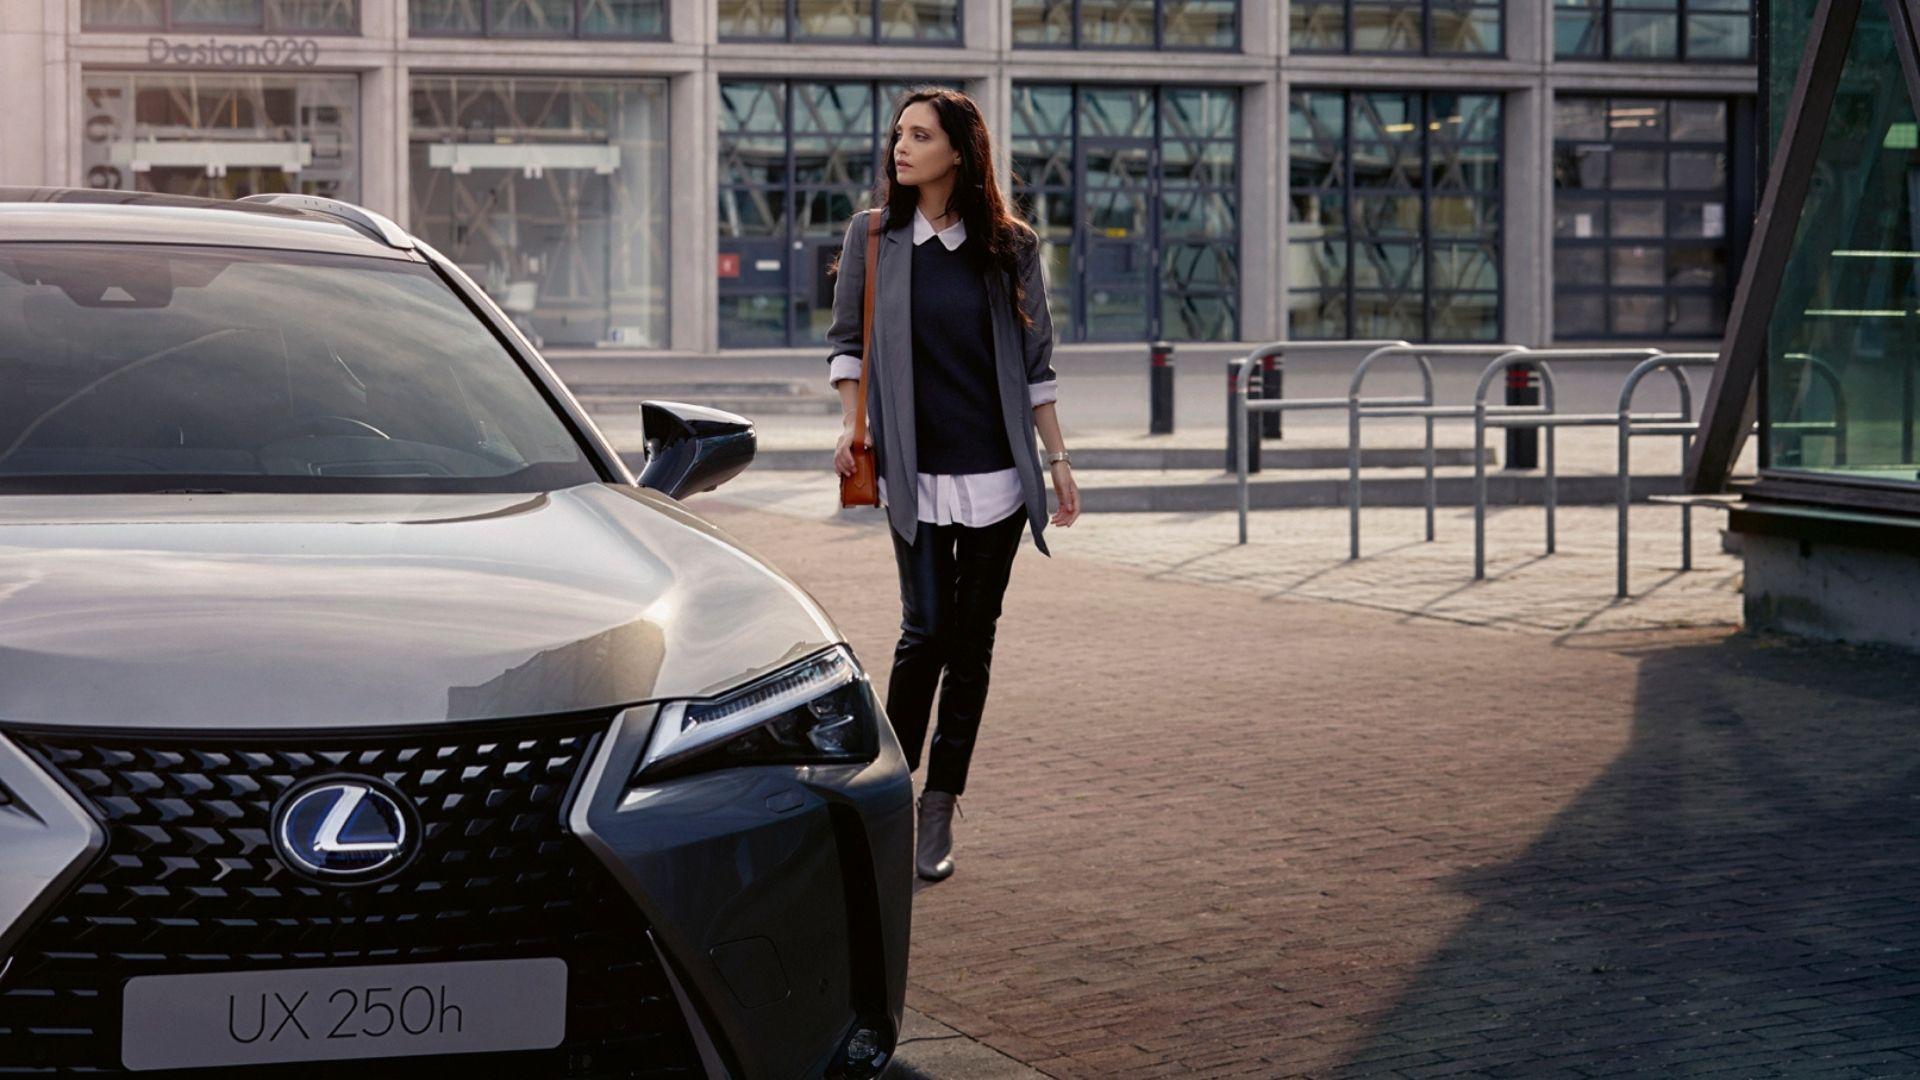 Lexus Care